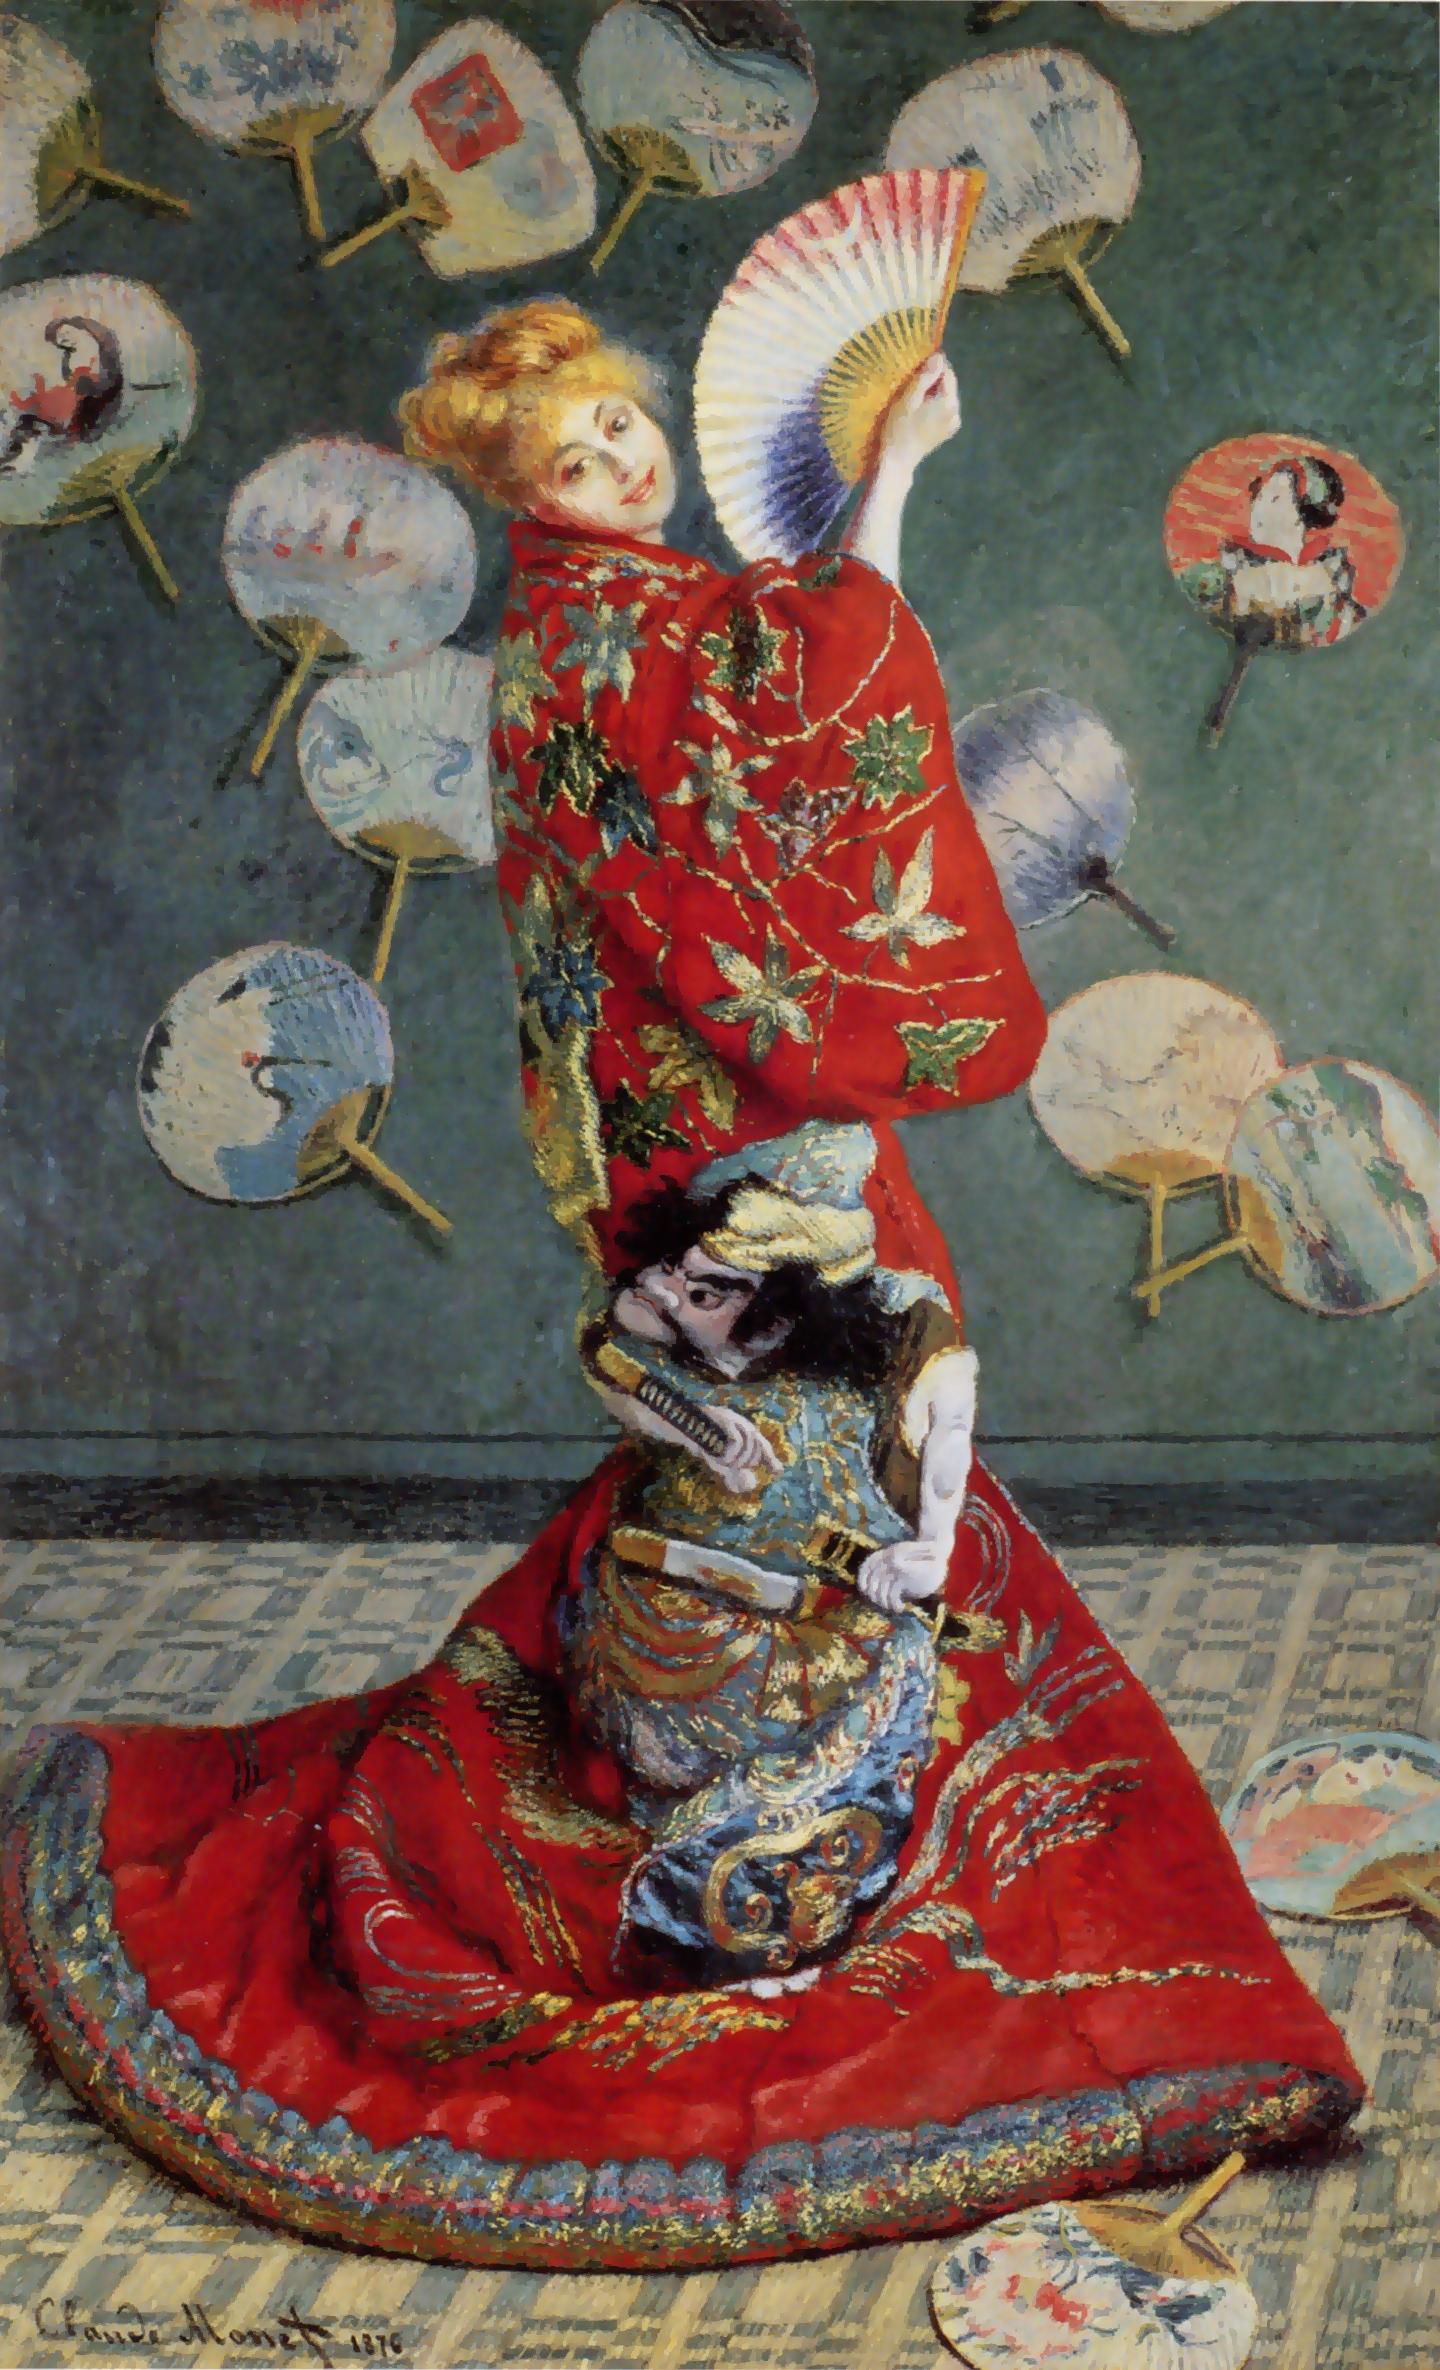 【作品解説】クロード・モネ「ラ・ジャポネーズ」ラ・ジャポネーズ /La Japonaise